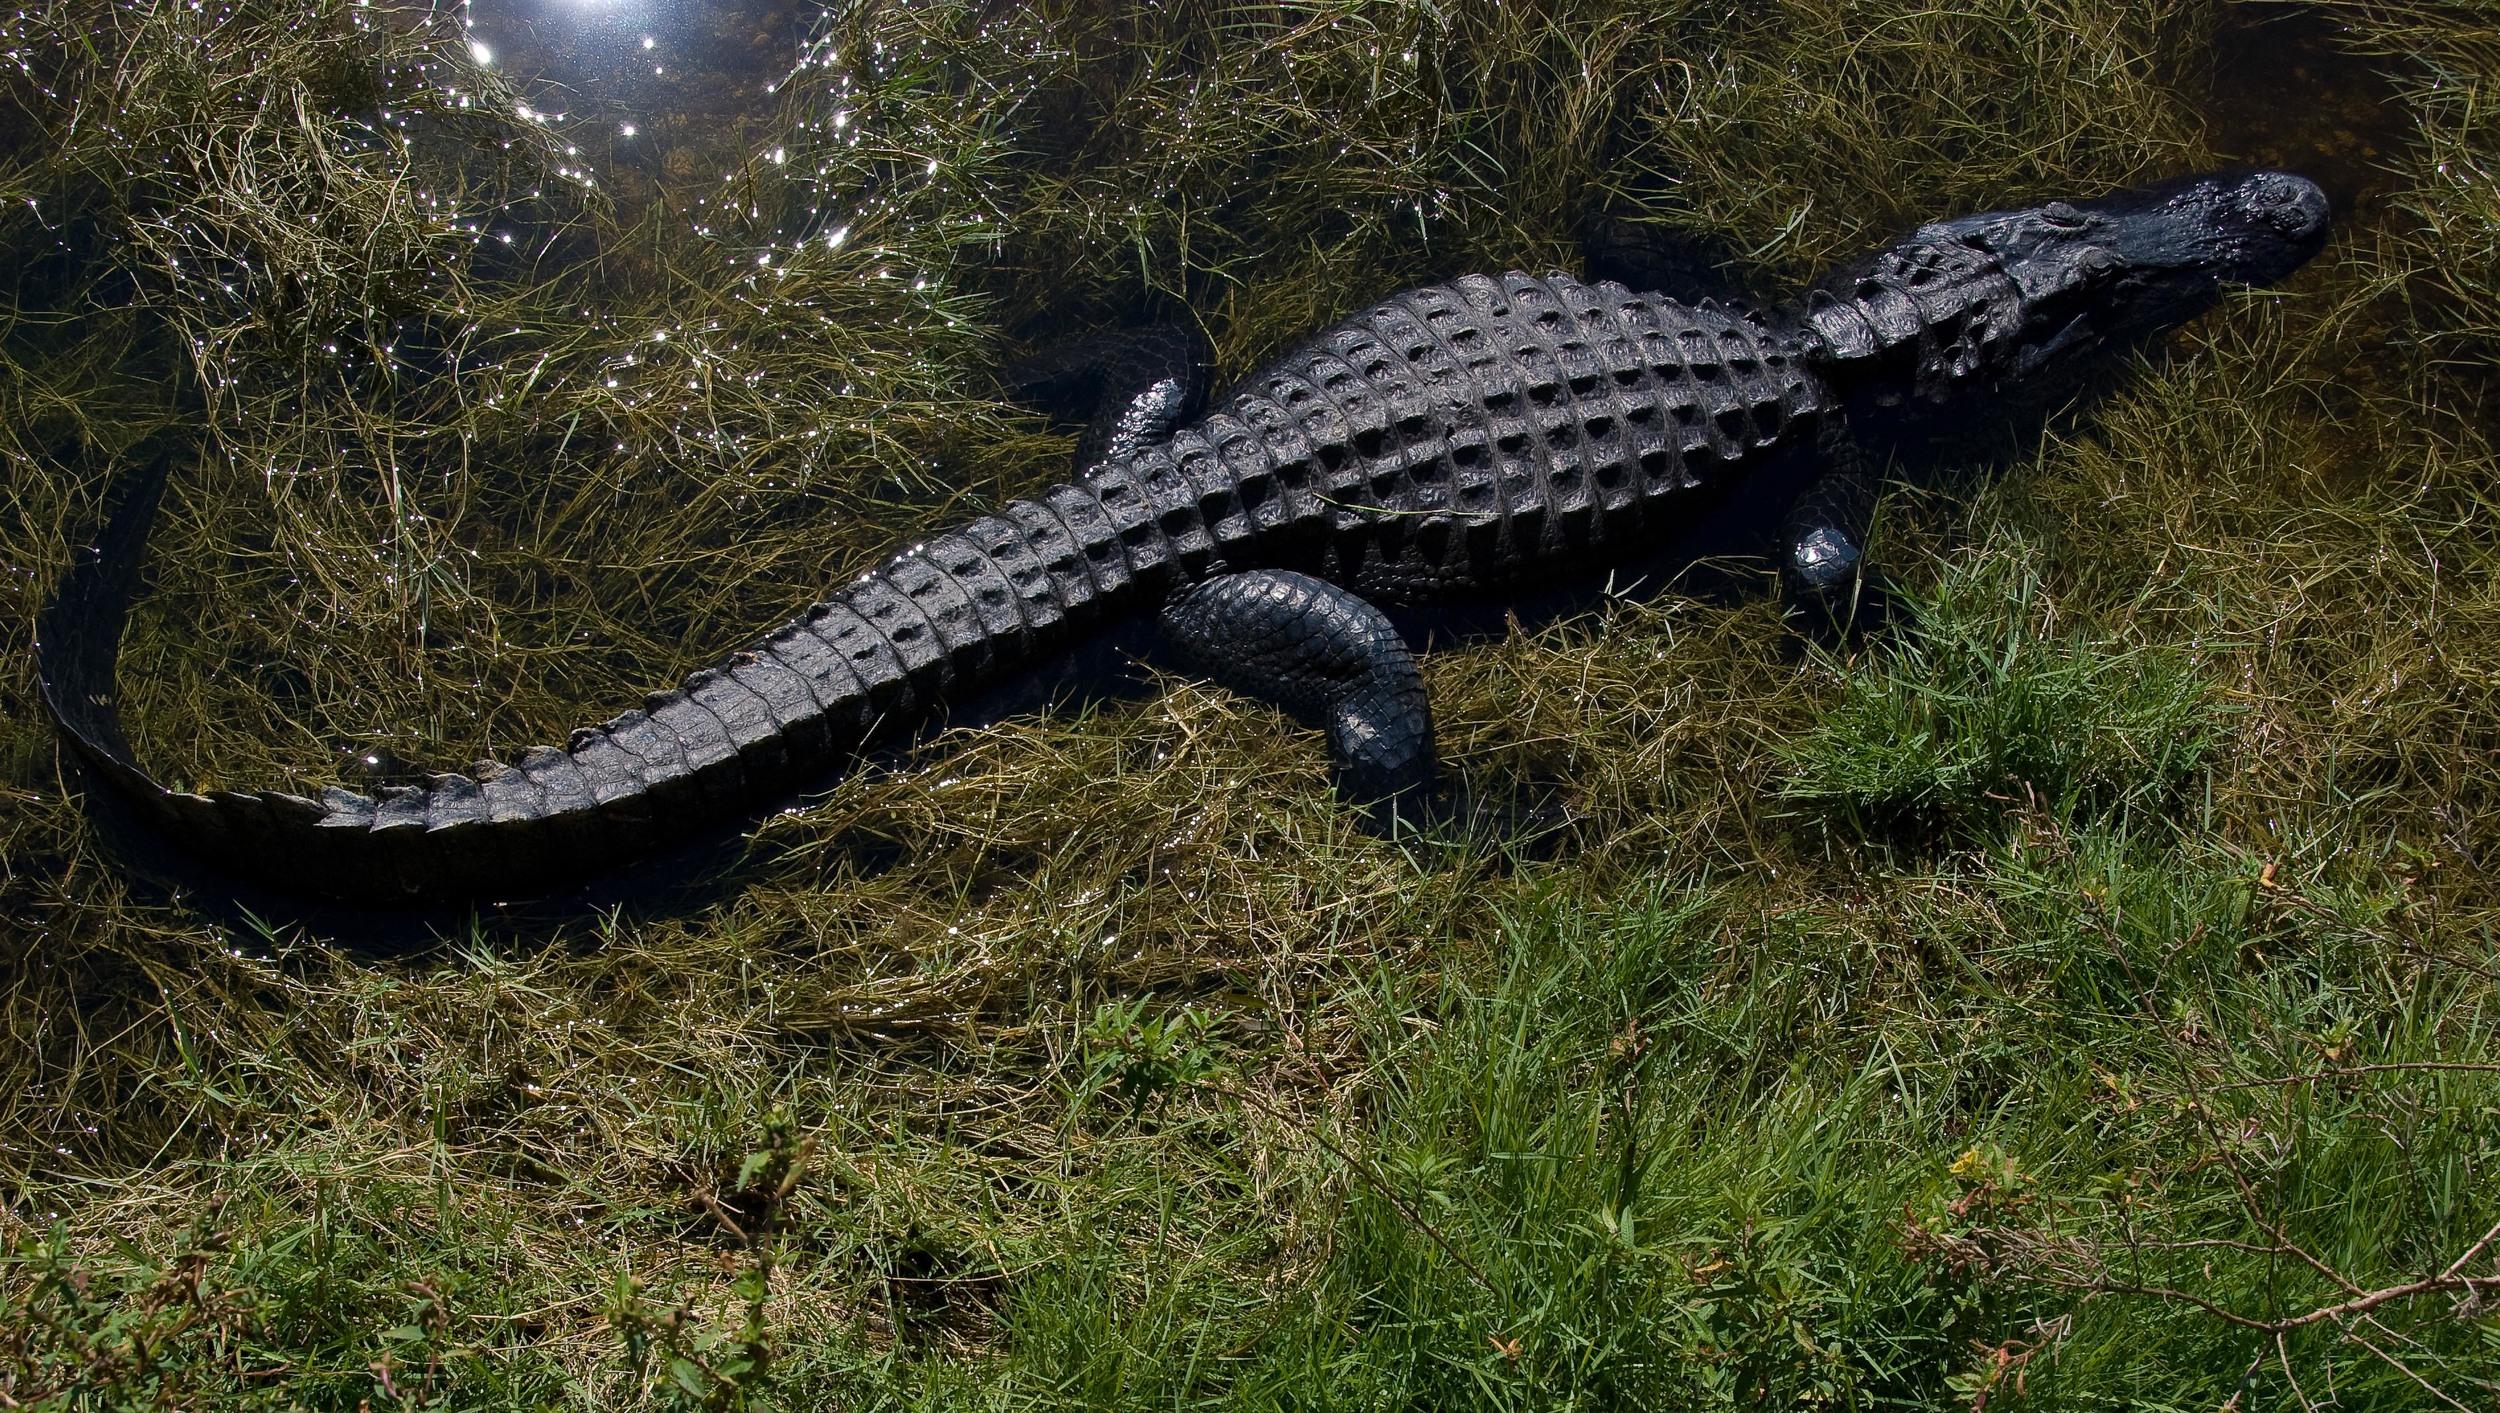 Big Cypress Gator